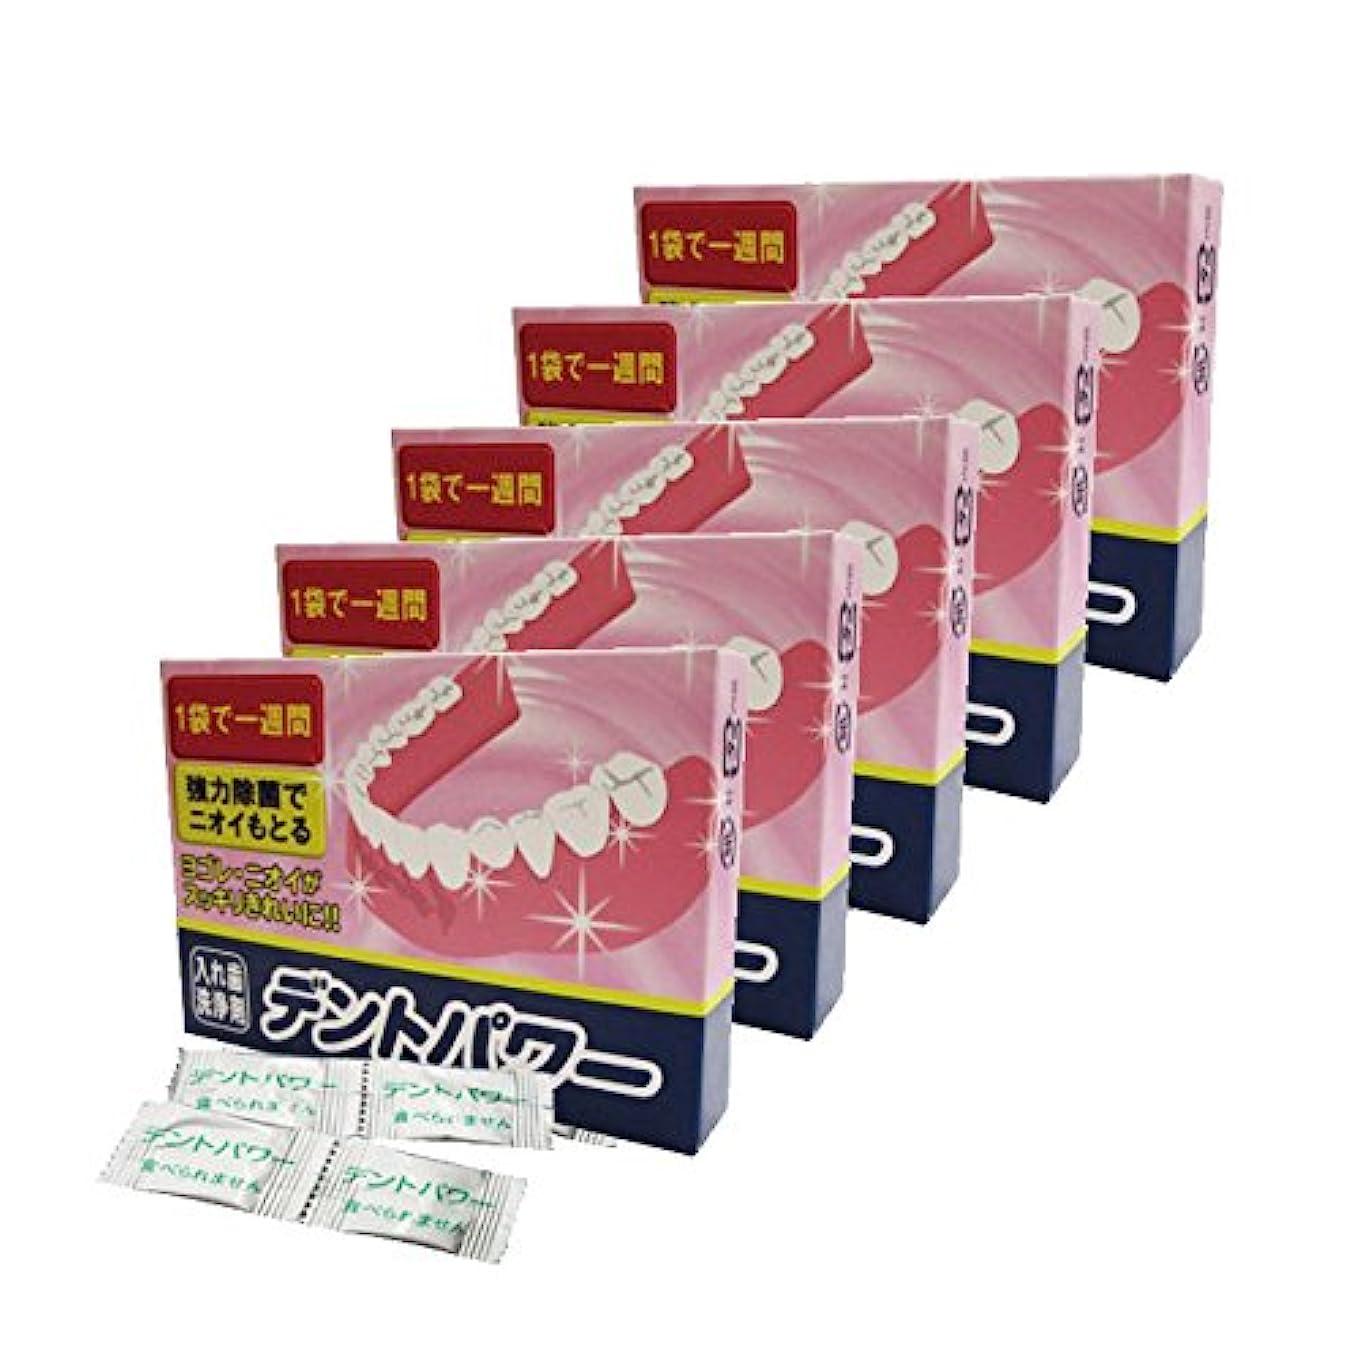 違反出席ほとんどないデントパワー 入れ歯洗浄剤 5ヵ月用x5個セット